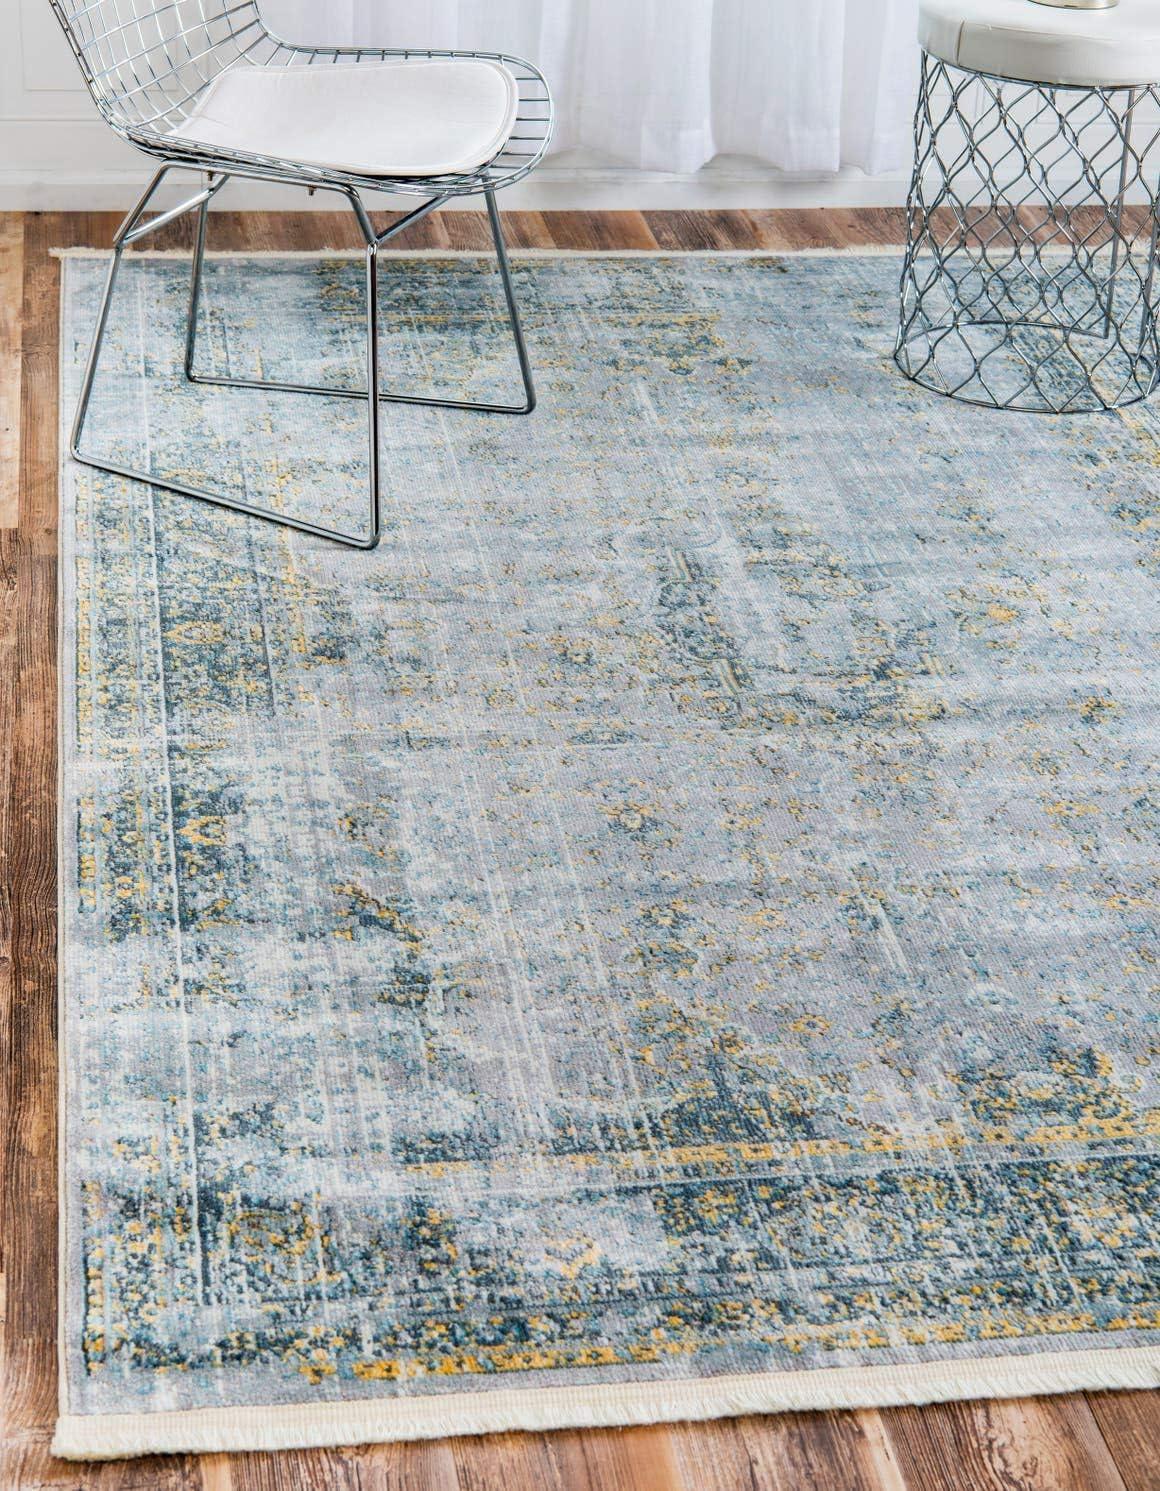 Unique Loom Baracoa Collection Bright Tones Vintage Traditional Gray Area Rug 8 4 x 10 0